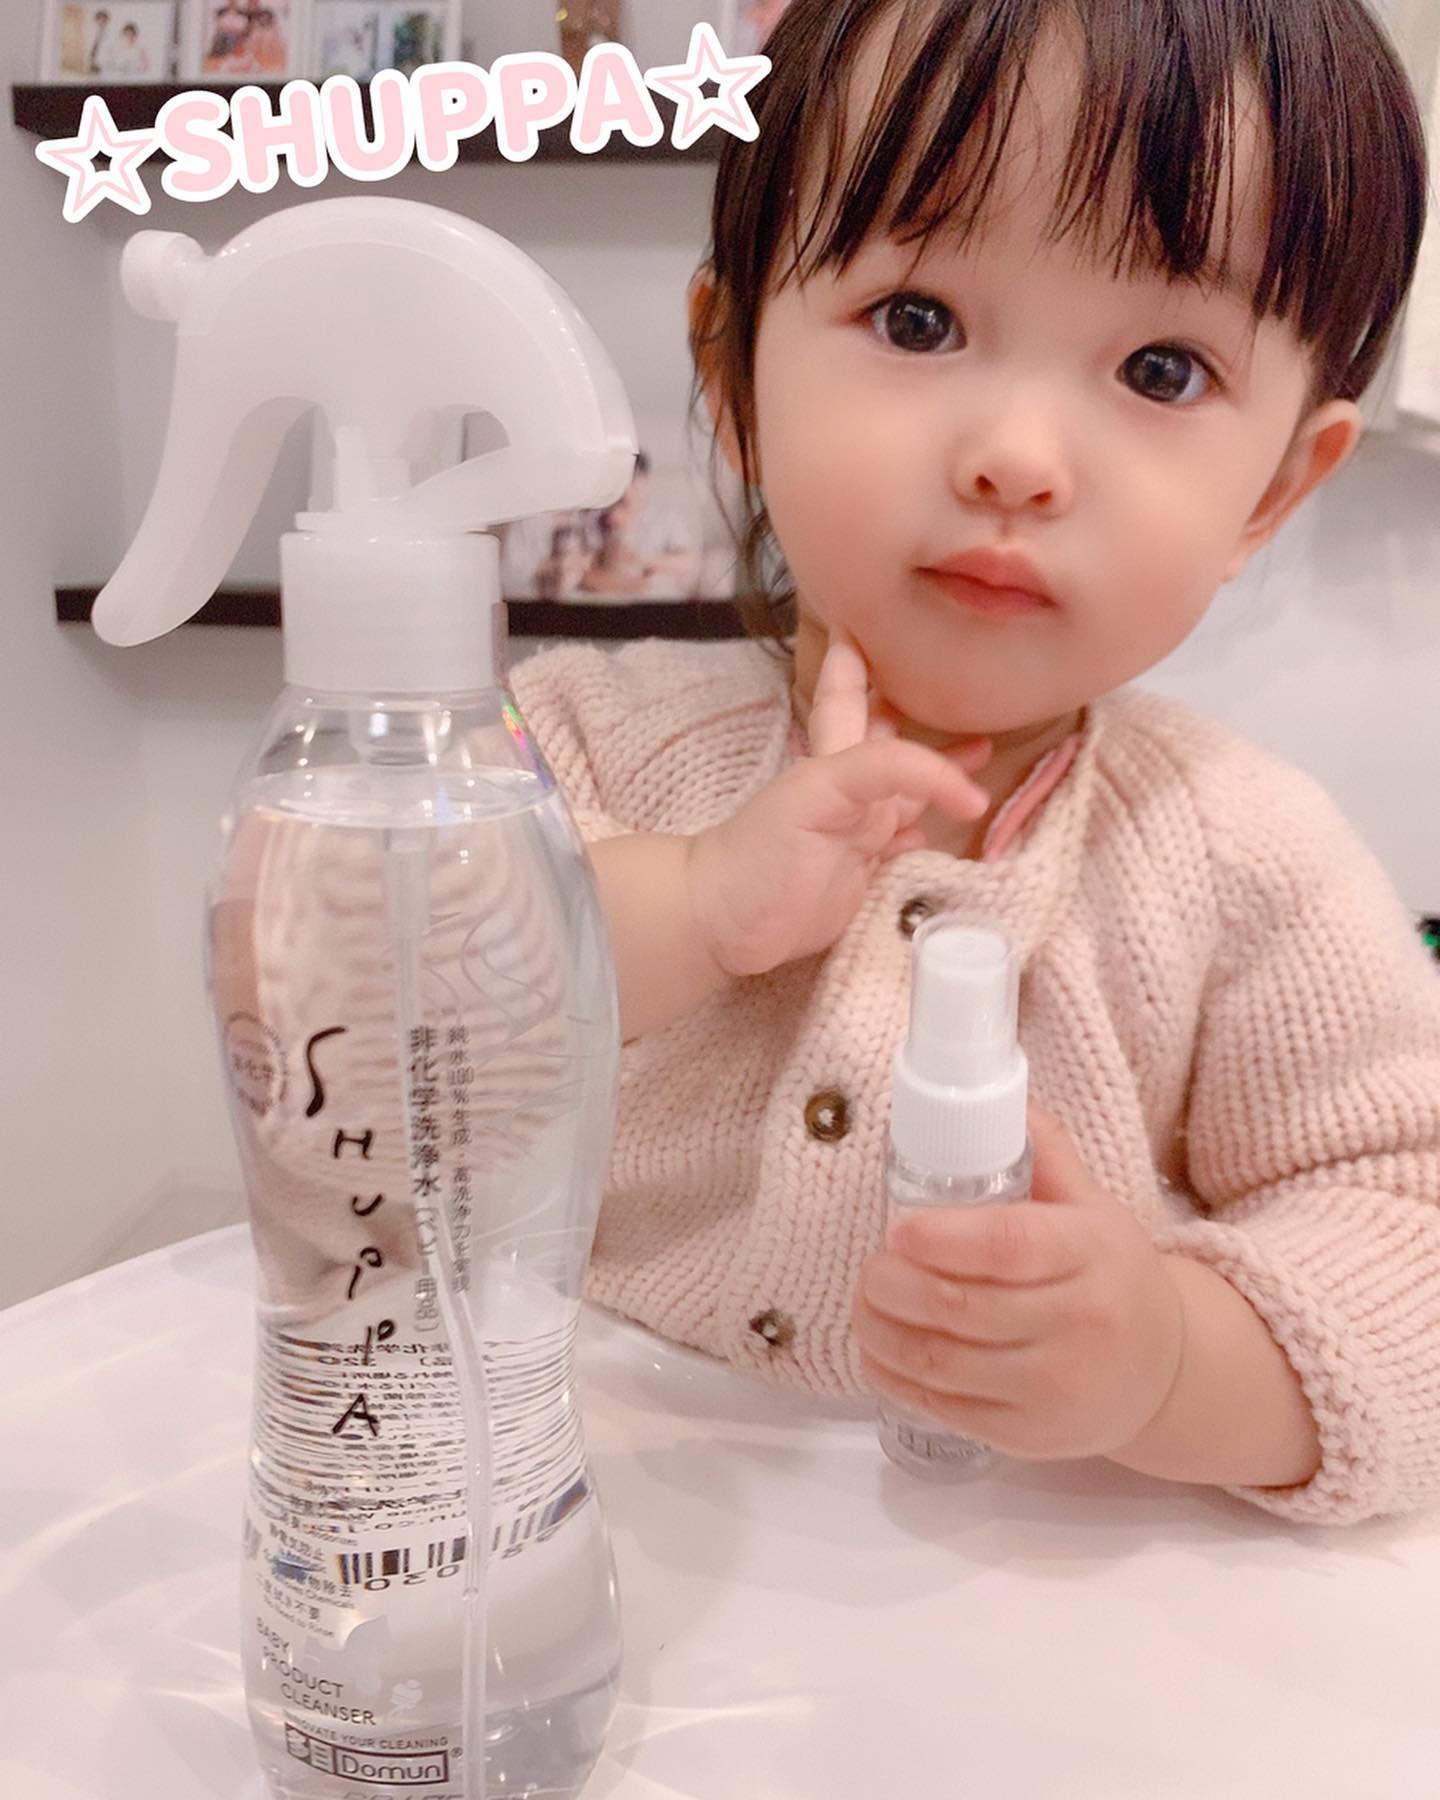 口コミ投稿:#除菌に厳しい#めいさん 🧐✨笑.SHUPPA(ベビー用品)使ってみました✨乳幼児が手を触れる…